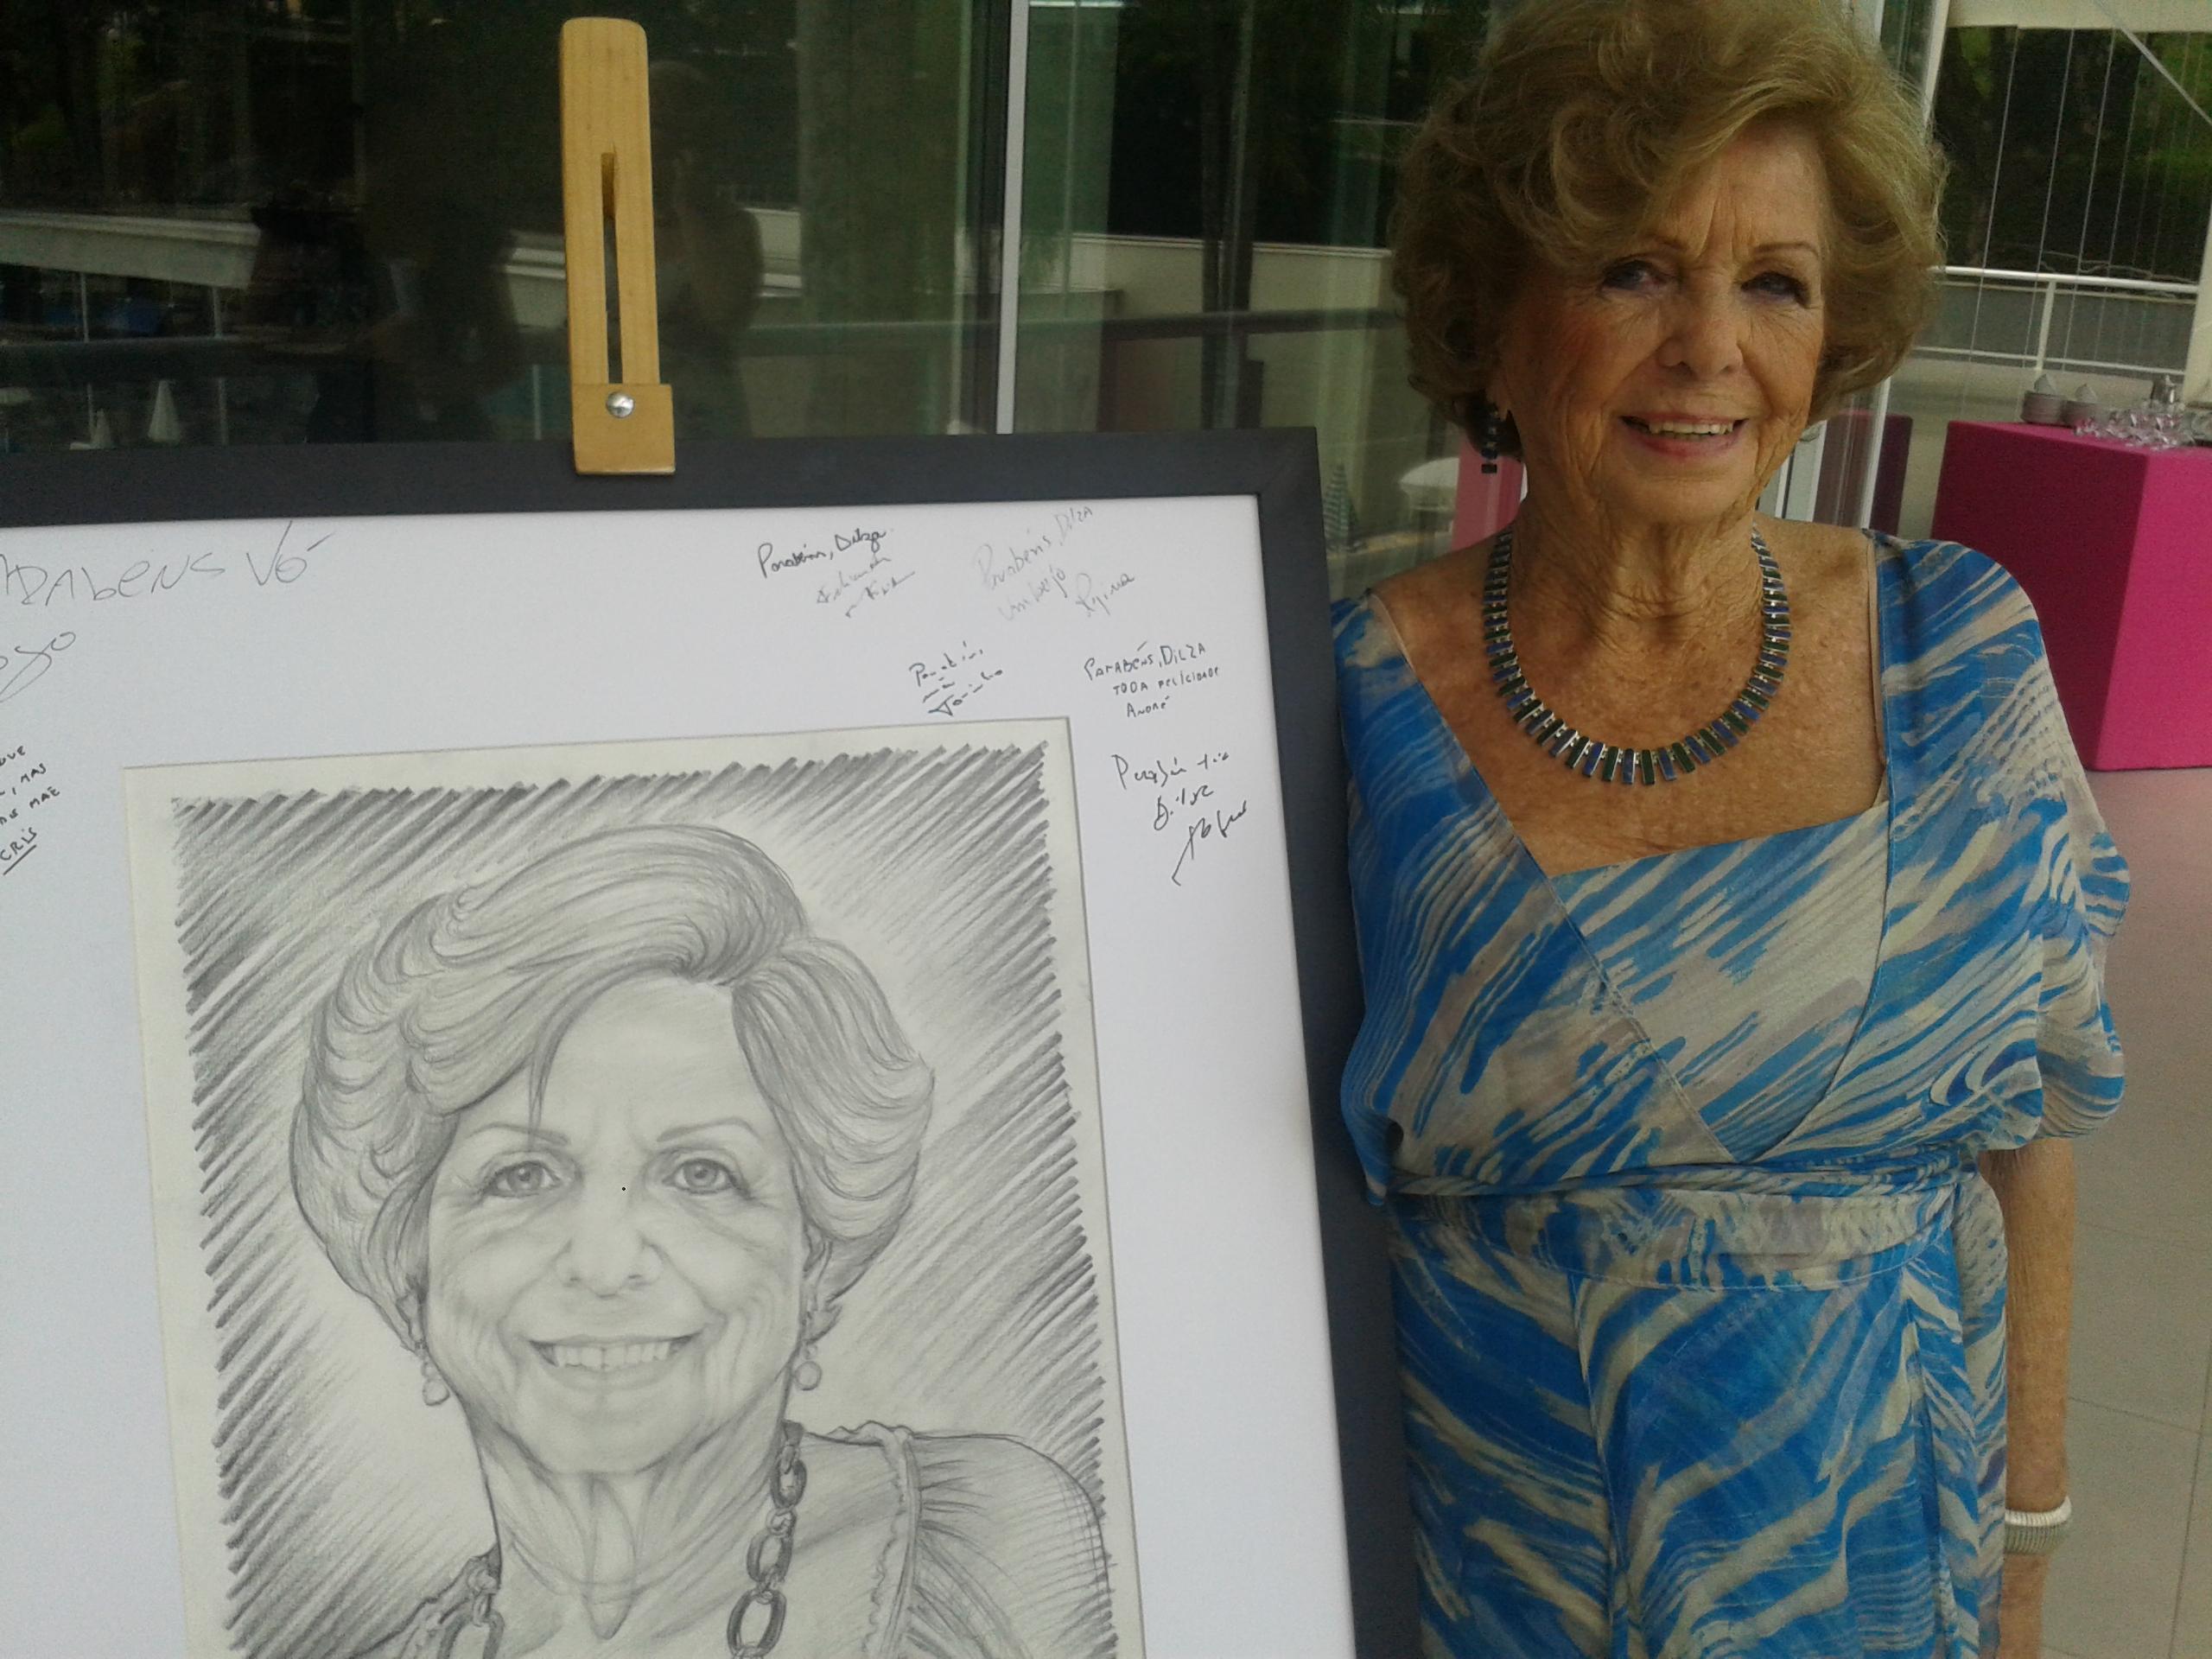 retrato desenhado